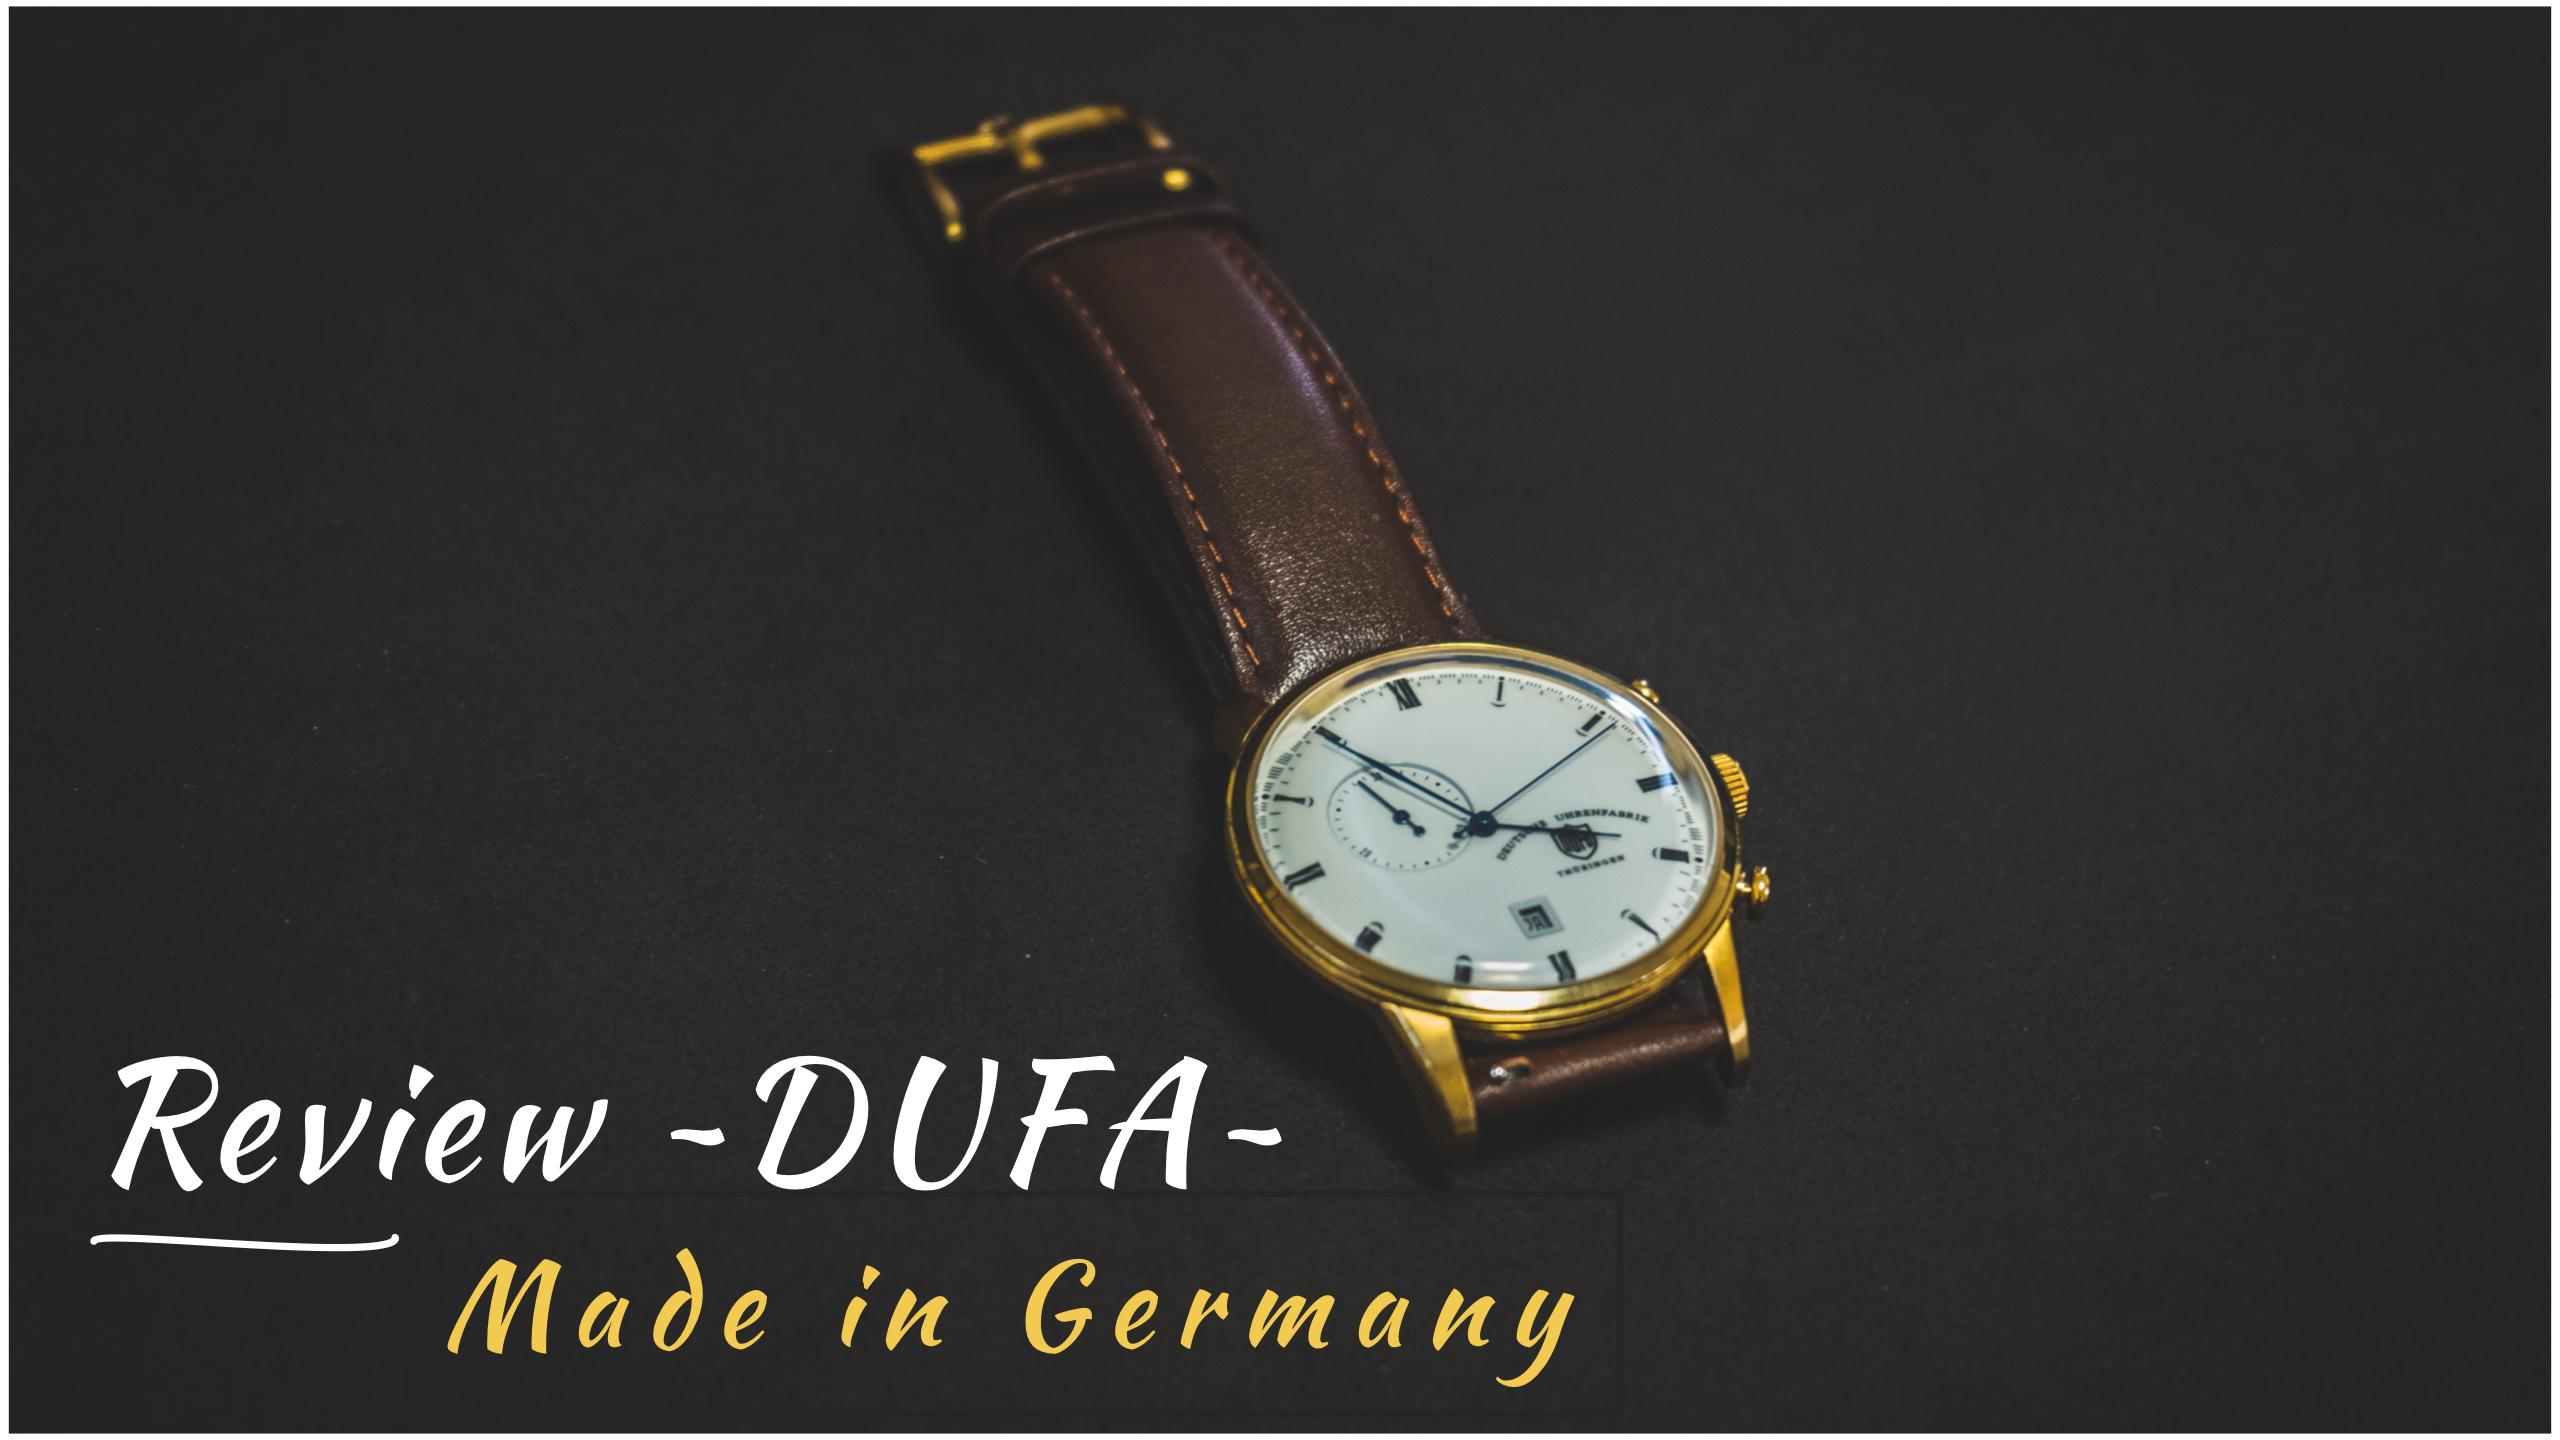 【レビュー】DUFA(ドゥッファ)ドイツの腕時計がコアなファンから評判な理由やおすすめを解説!